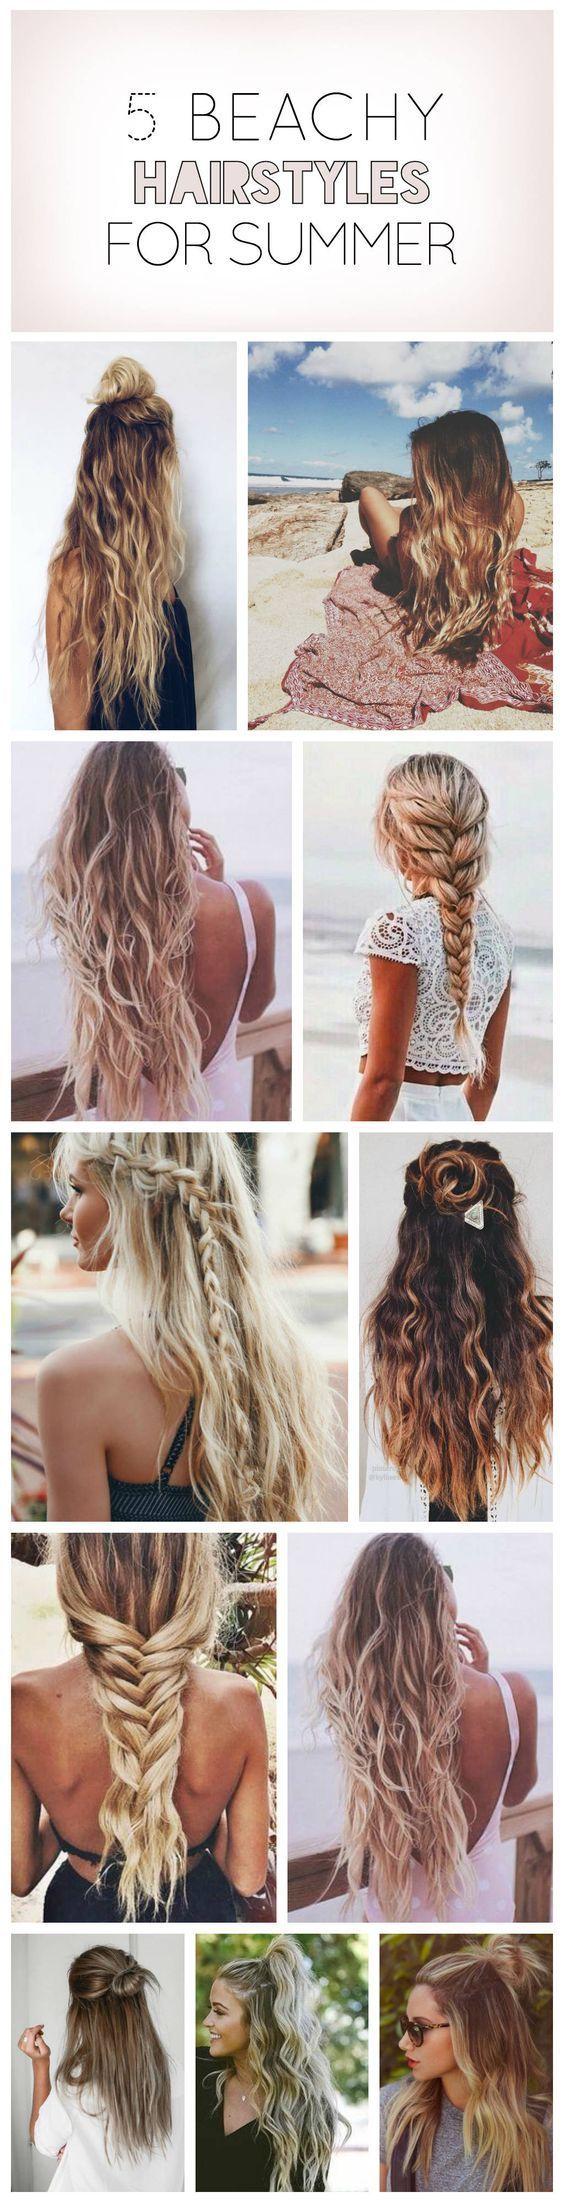 Beach hairstyles                                                                                                                                                      Mehr